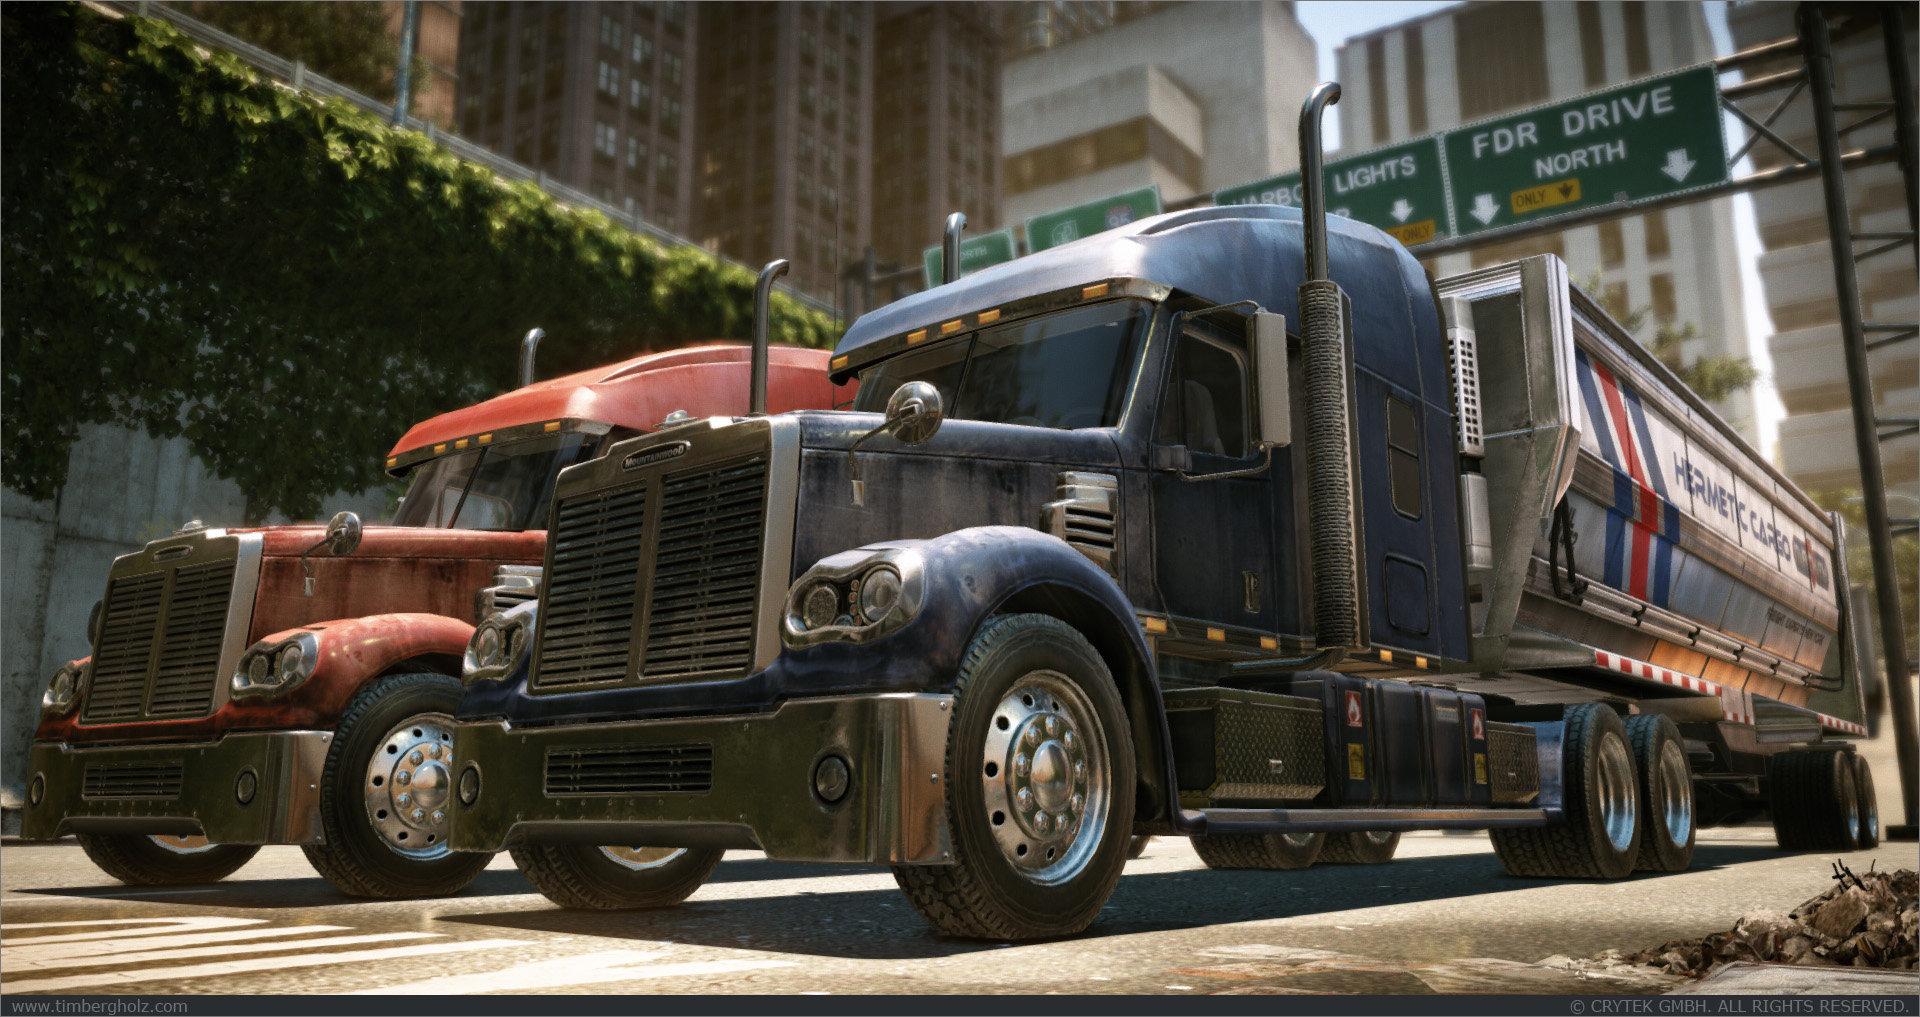 Tim bergholz trucks full